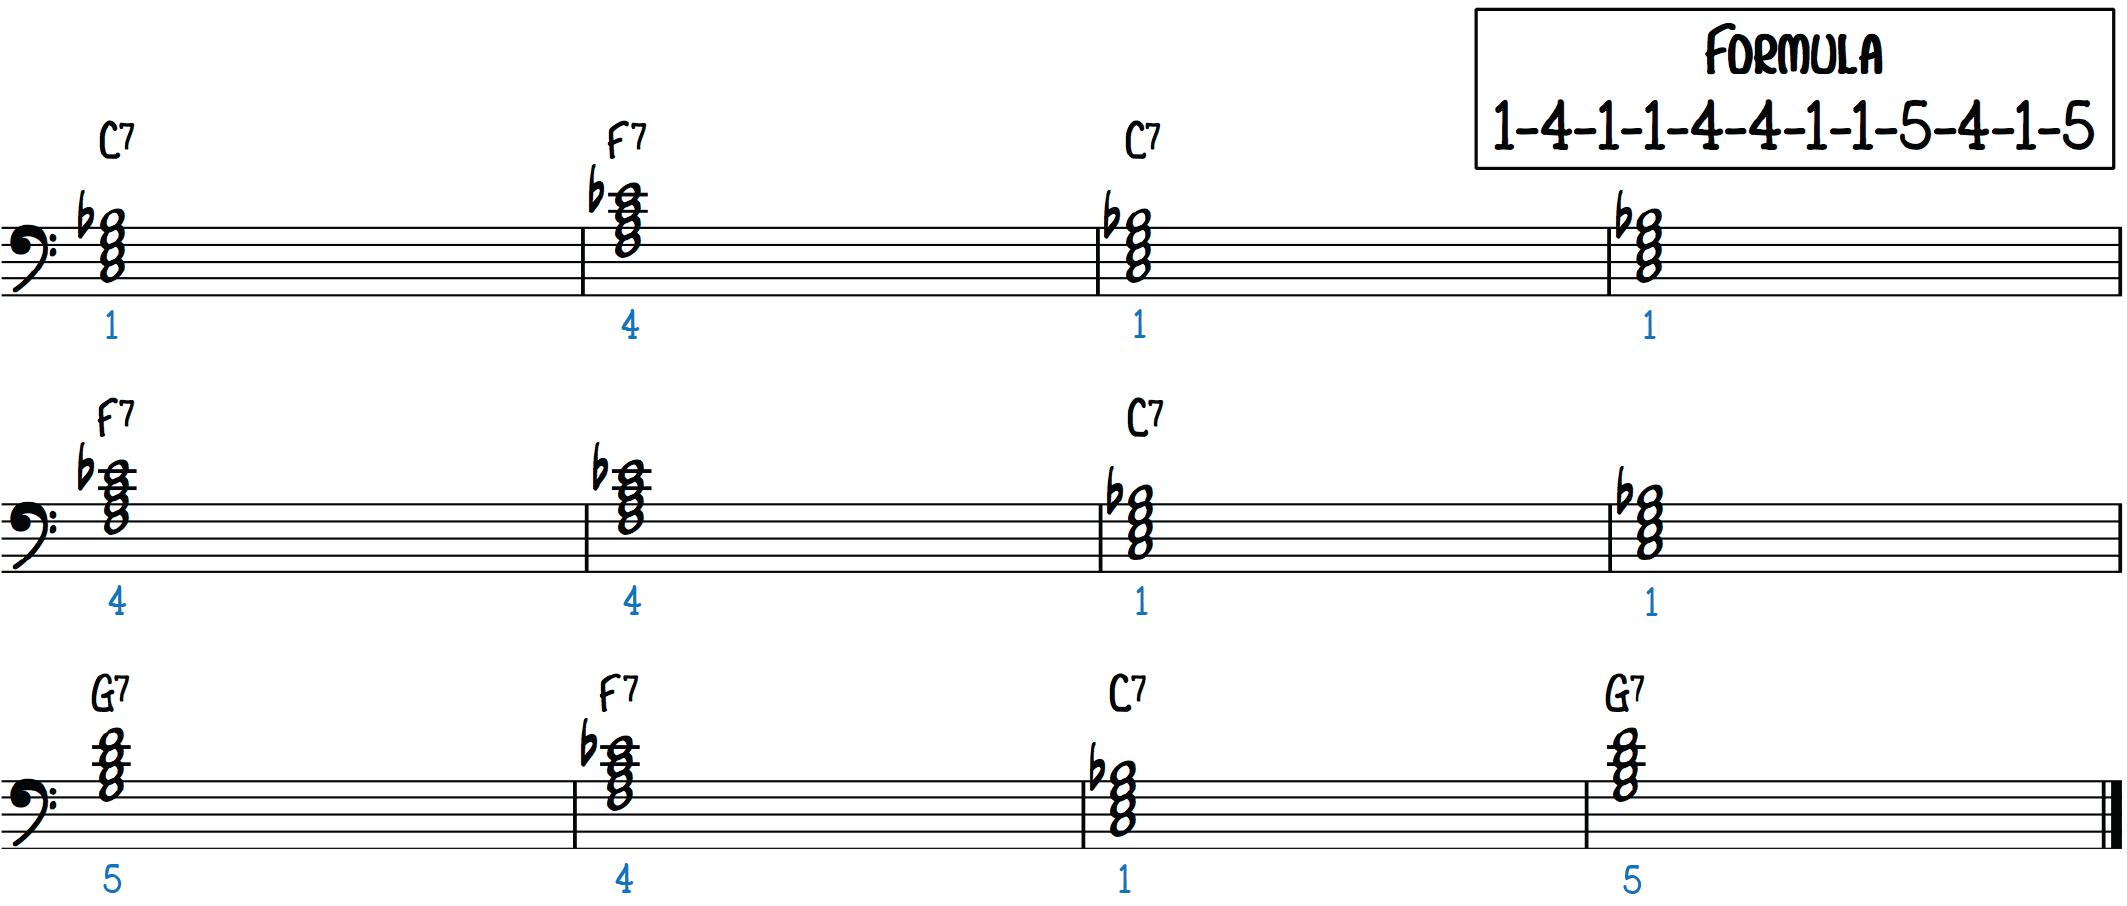 The 12-Bar Blues Progression (1-4-1-1-4-4-1-1-5-4-1-5) St Louis Blues C-Jam Blues Route 66